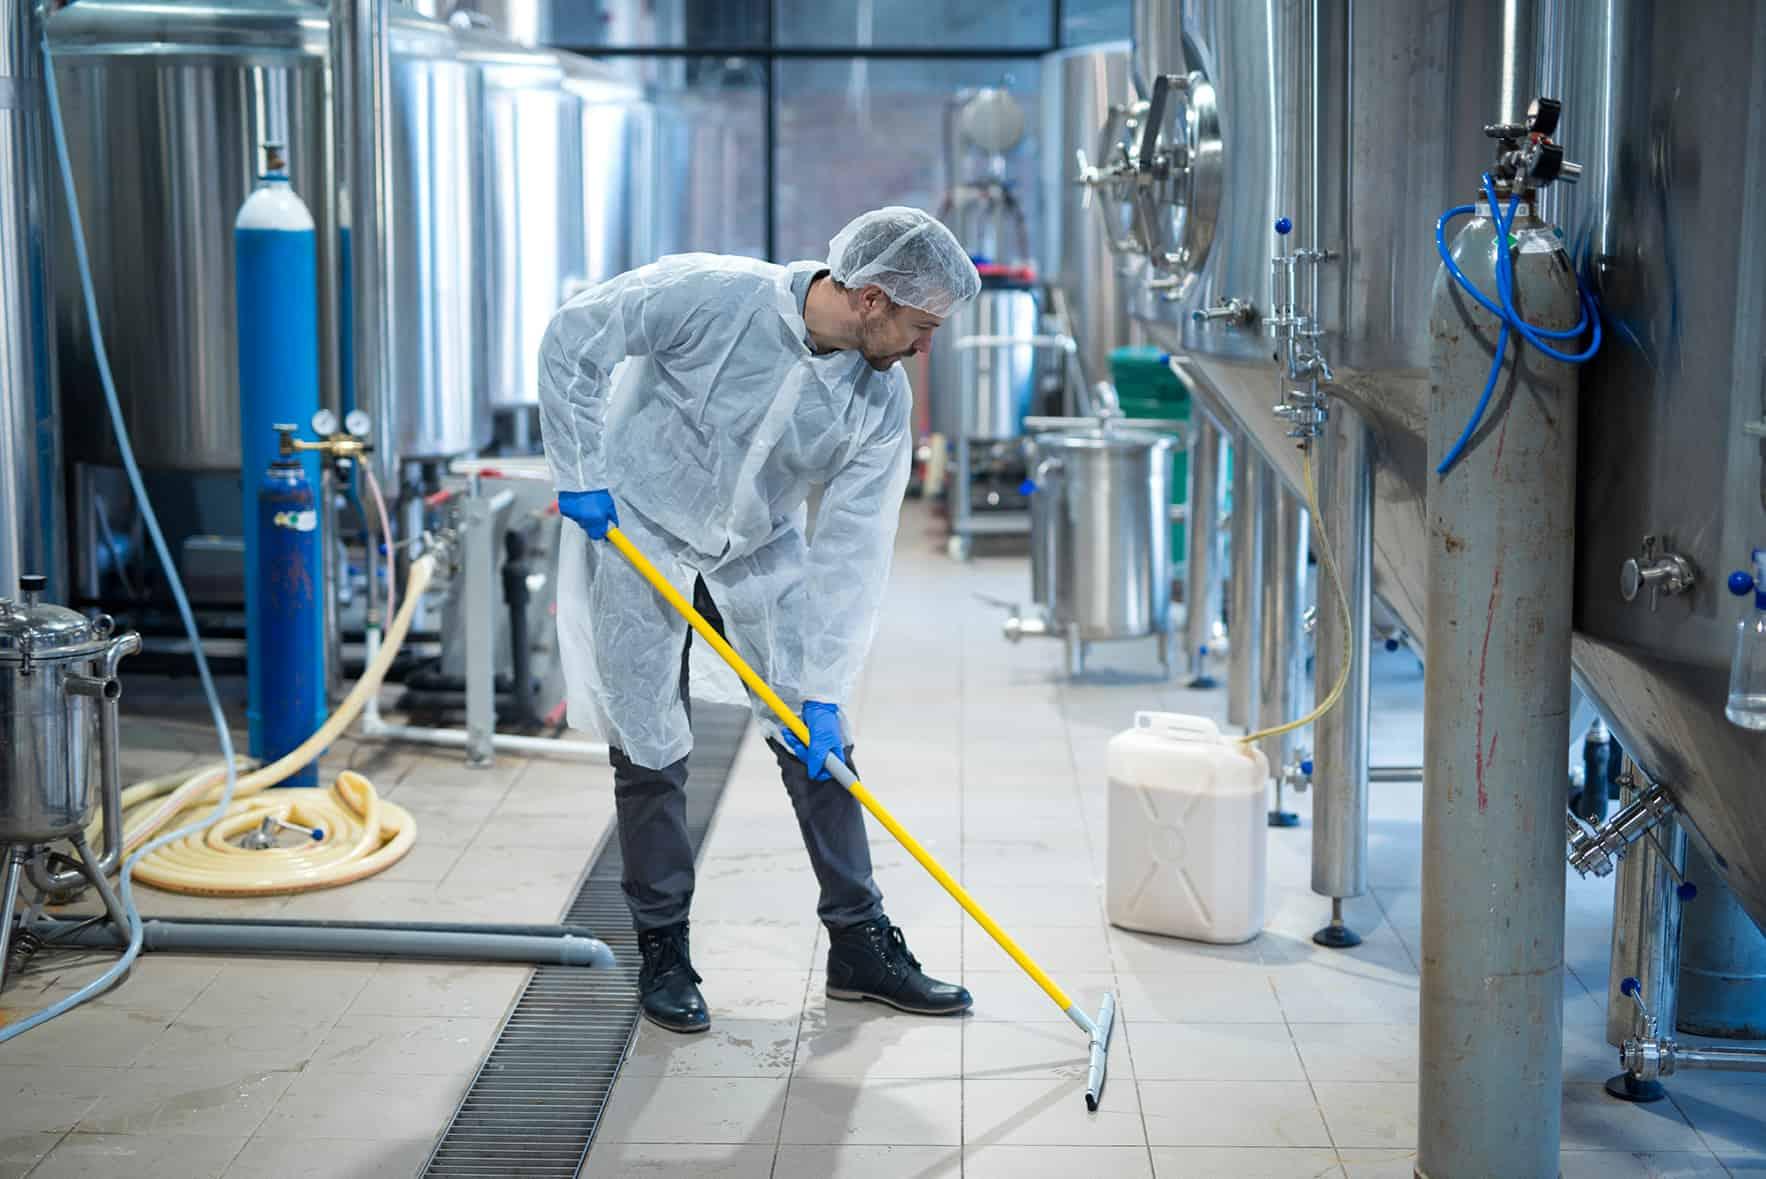 pulizia industriale coronavirus